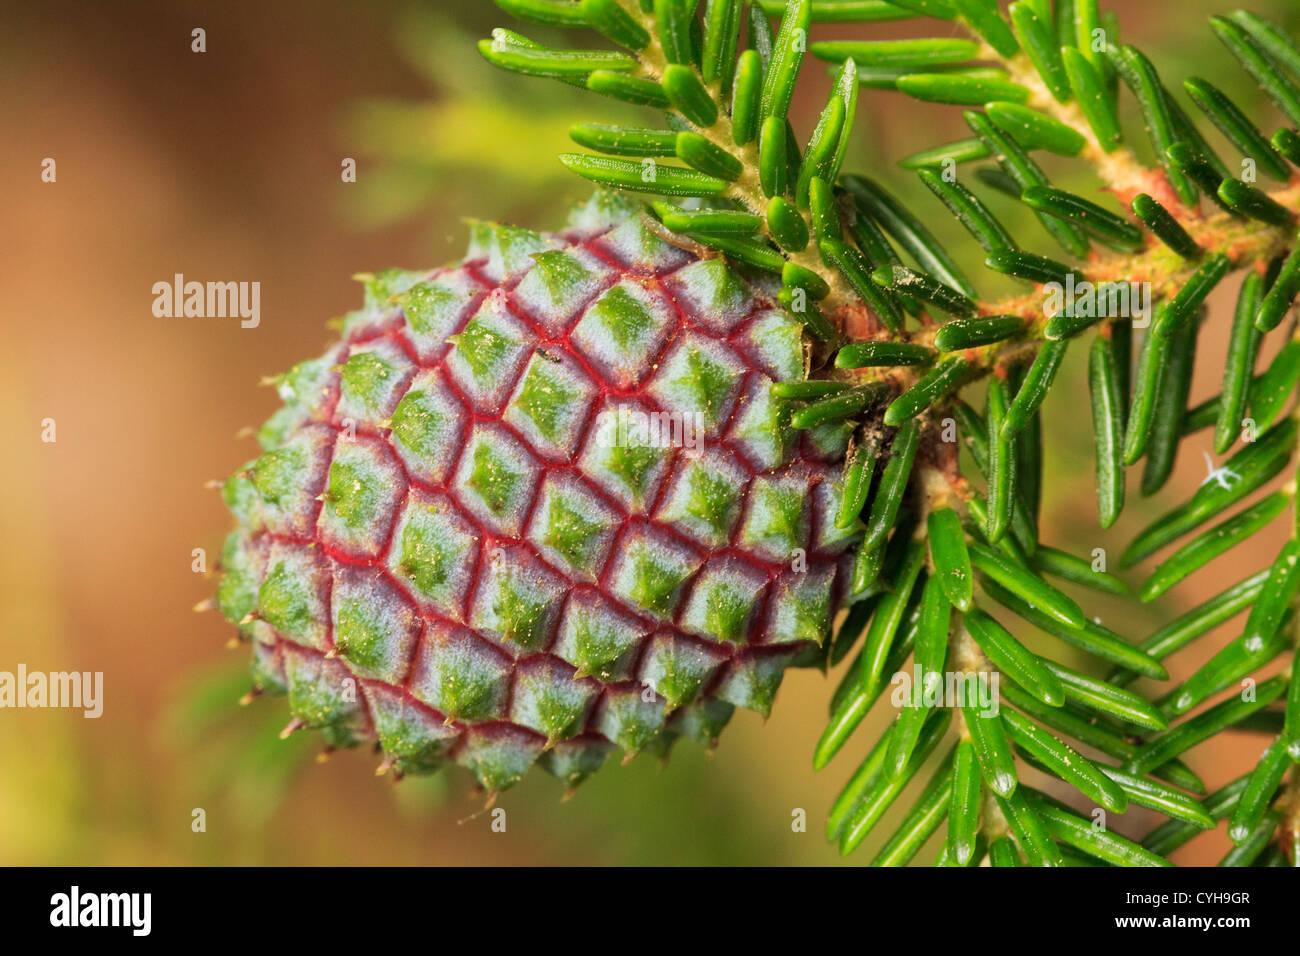 Cone of Caucasian Spruce or Oriental Spruce (Picea orientalis) // Cône femelle d'épicéa d'Orient, - Stock Image